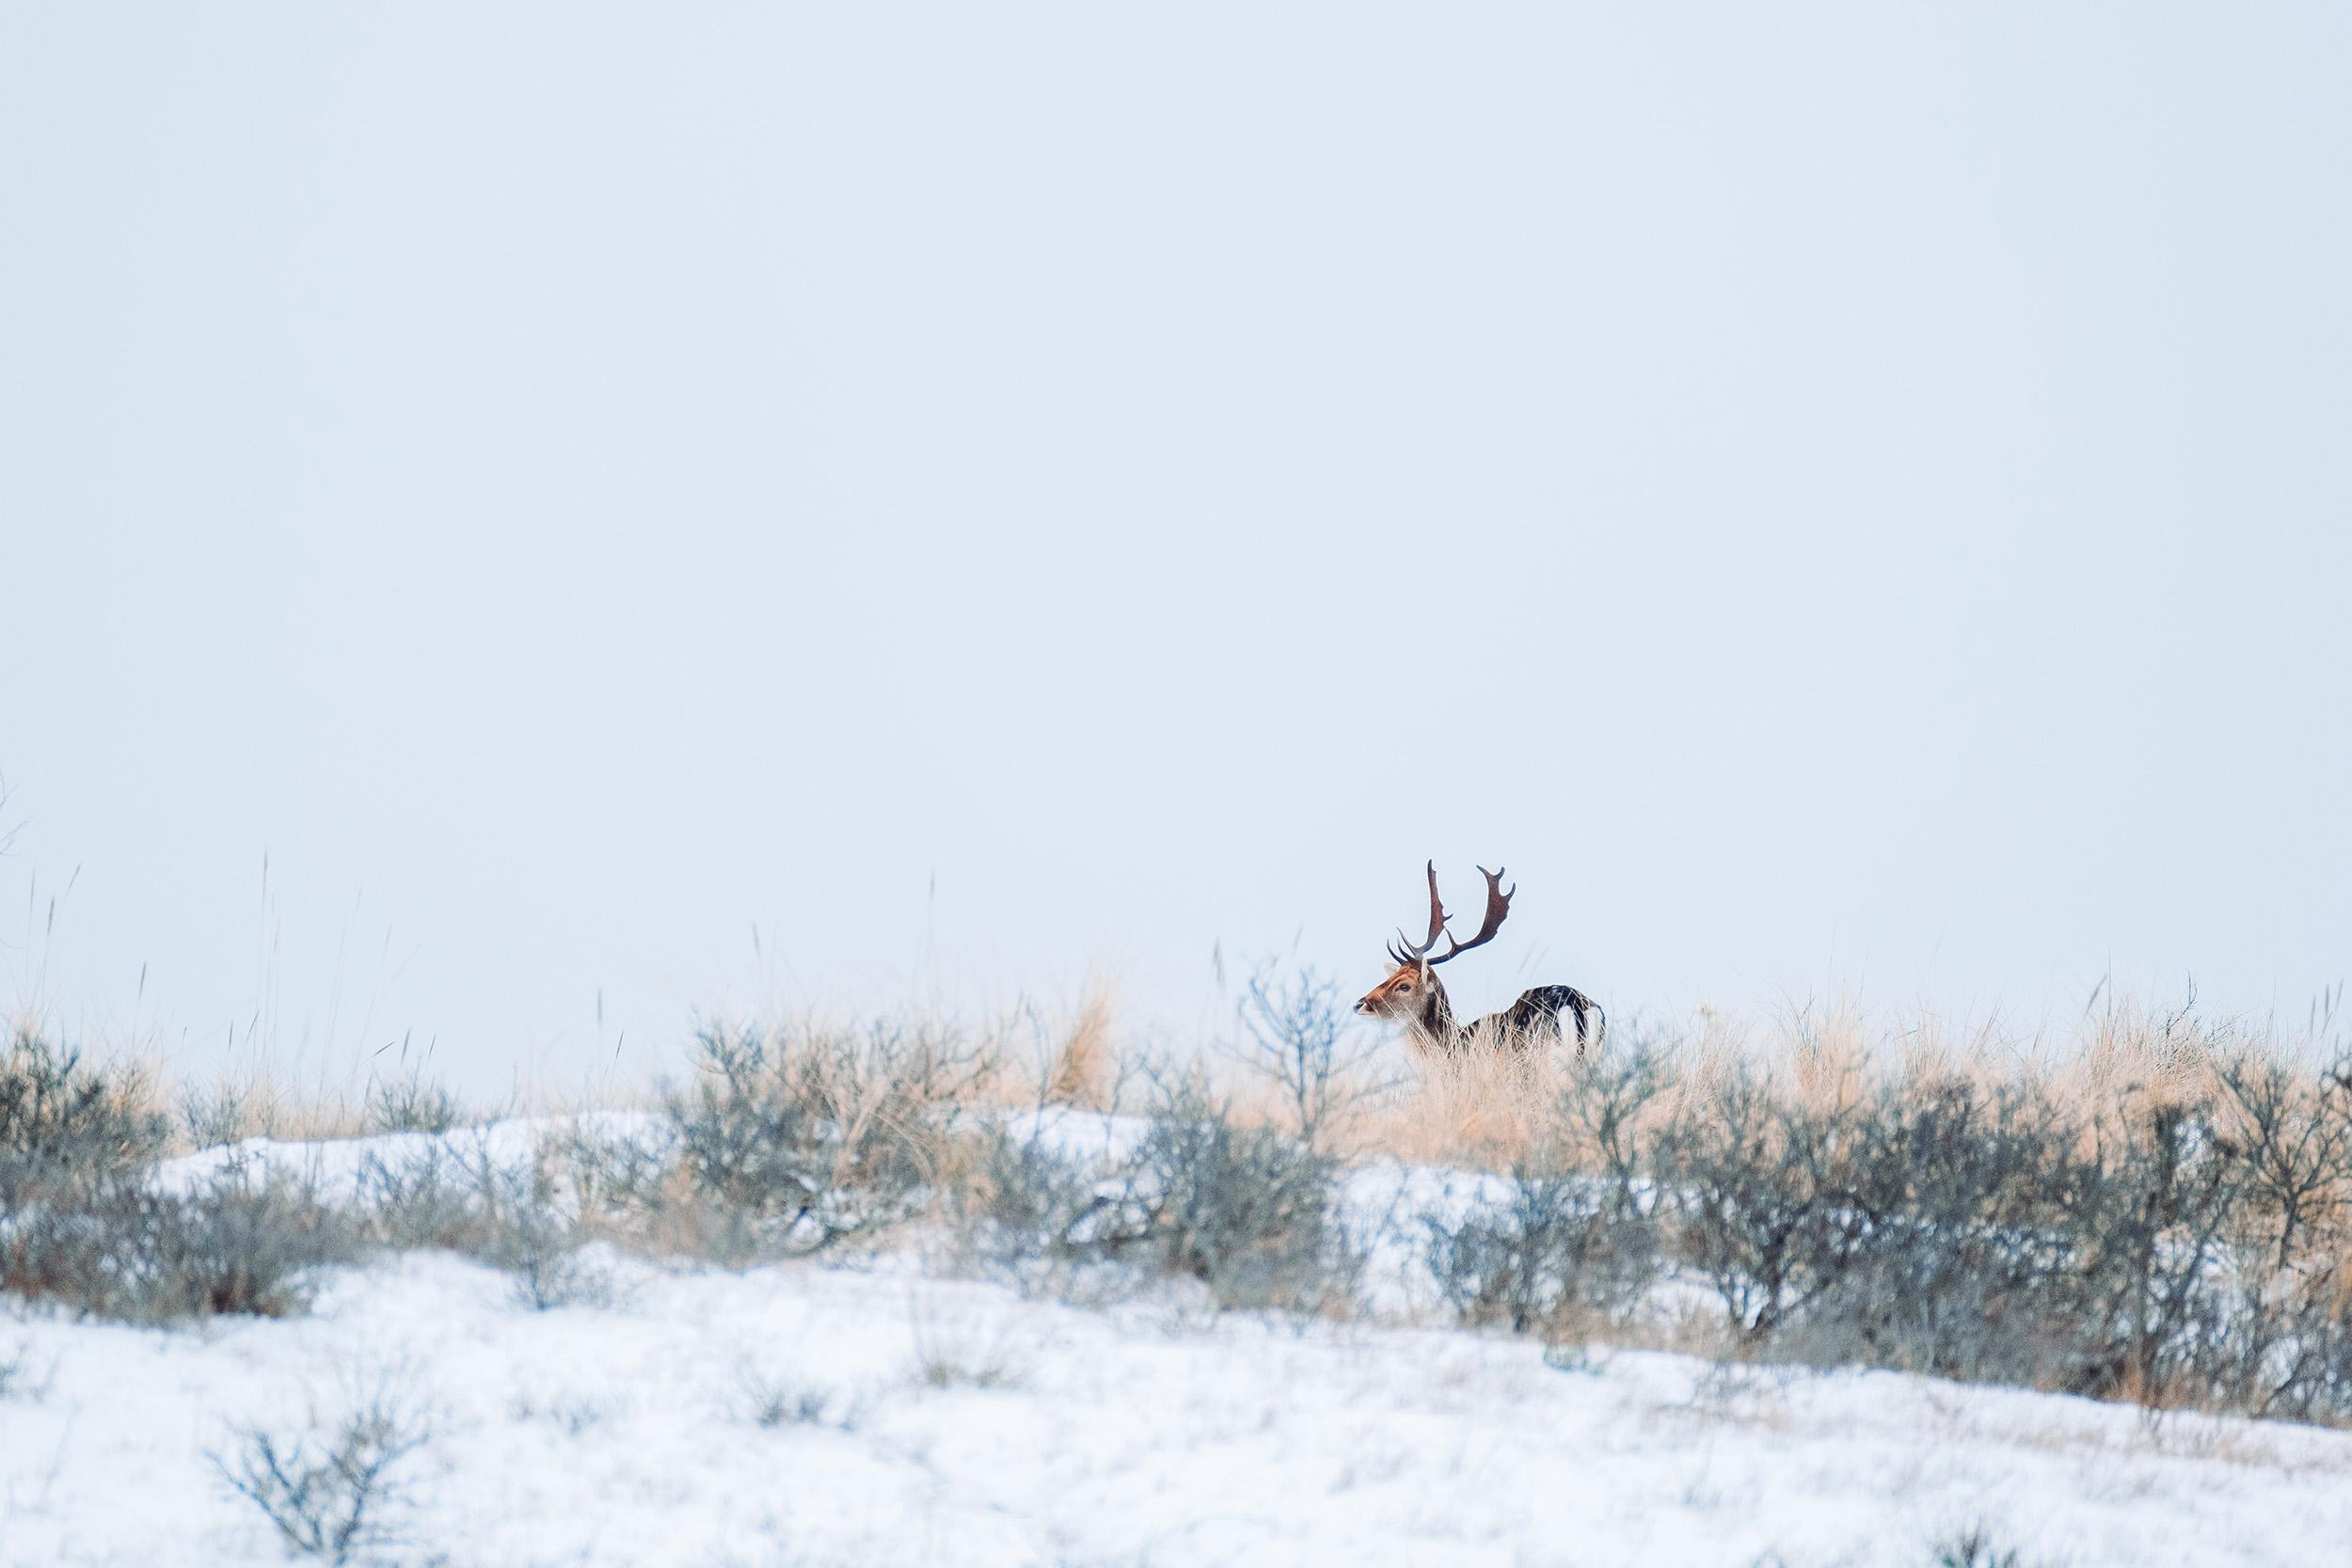 Waterleidingduinen Sneeuw-4.jpg